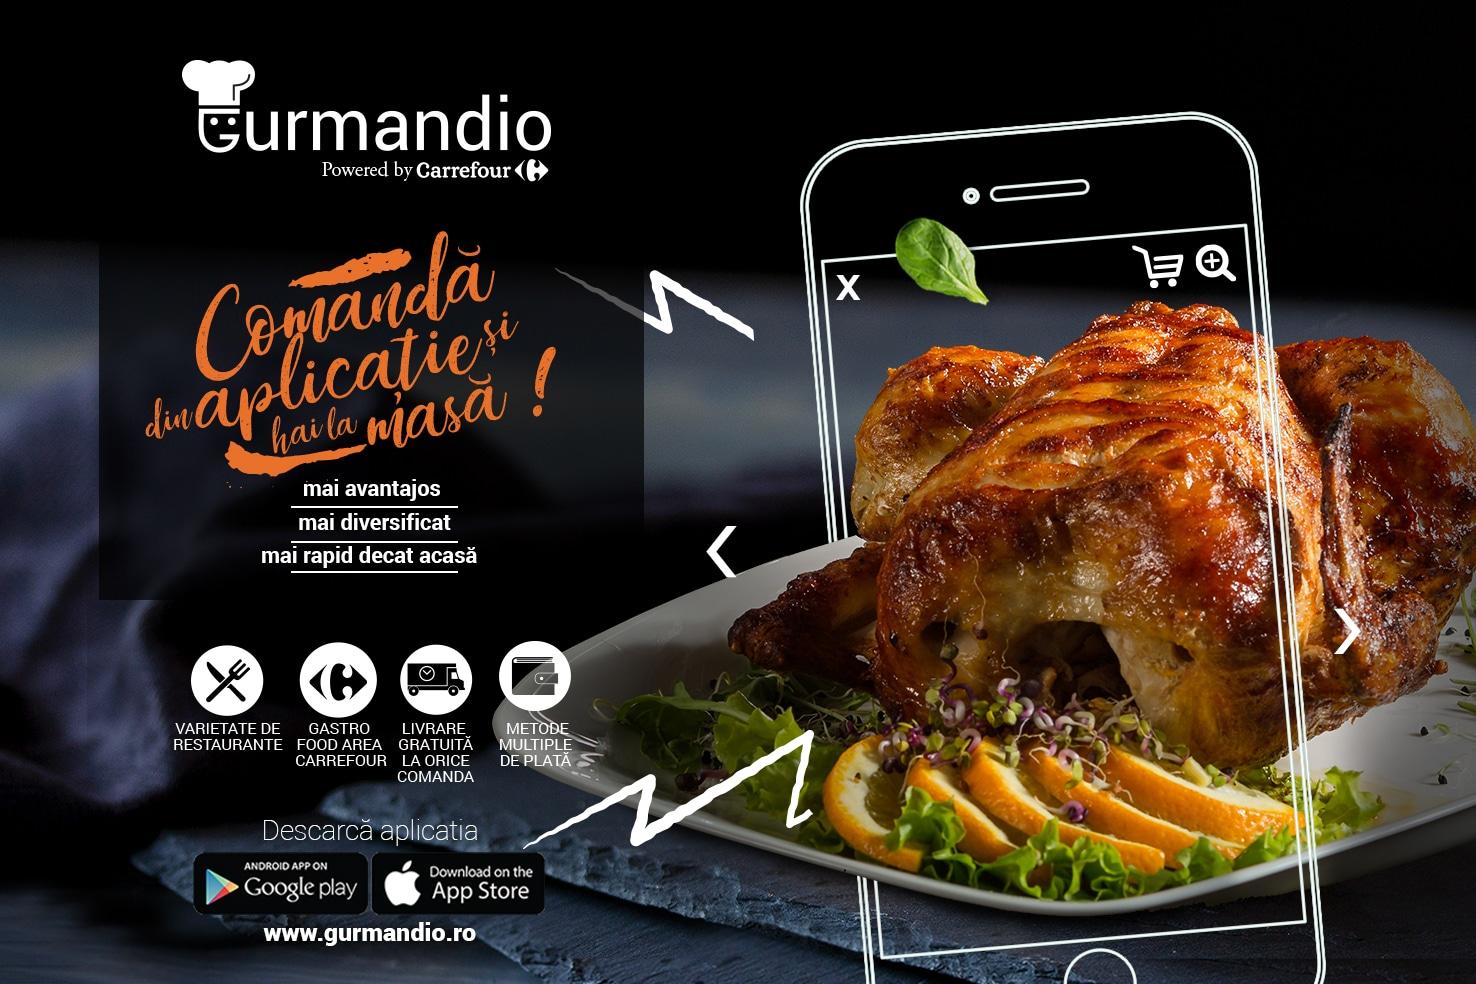 Acum poți comanda mâncare în Galați direct din aplicația Gurmandio Carrefour